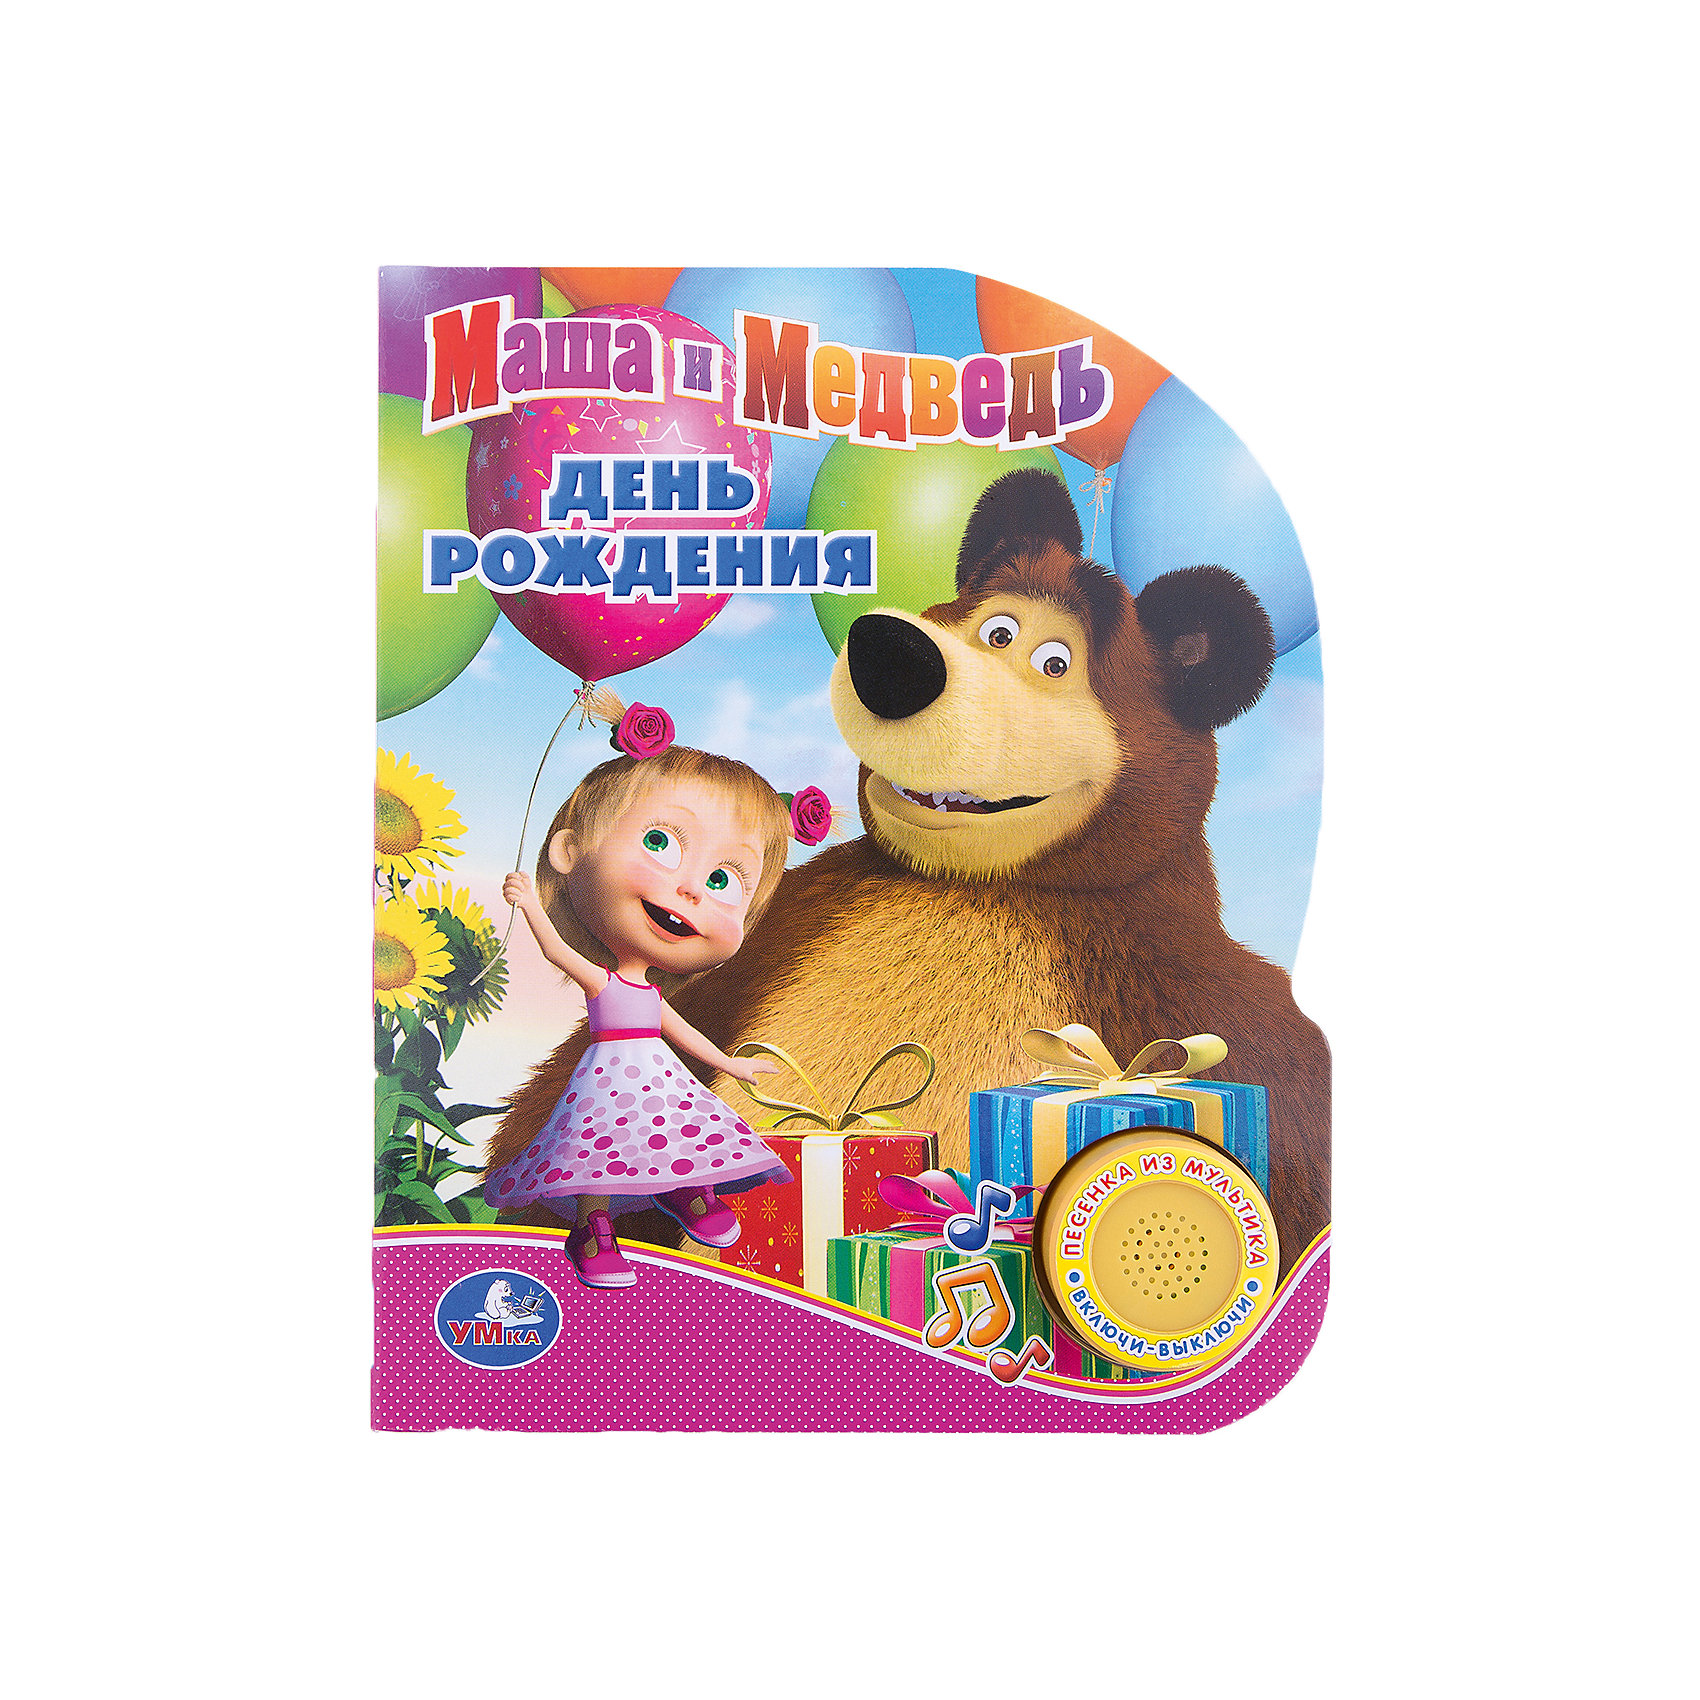 Маша и медведь. День рождения. (1 кнопка с песенкой).Музыкальные книги<br>Музыкальная книжка для самых маленьких детей с историями из популярного мультфильма Маша и медведь. Малыш сам может нажать на кнопочку и услышит веселую, добрую песенку из мультфильма. Книга изготовлена из прочного безопасного картона. 10 картонных страниц.<br><br>Ширина мм: 10<br>Глубина мм: 160<br>Высота мм: 190<br>Вес г: 160<br>Возраст от месяцев: 12<br>Возраст до месяцев: 60<br>Пол: Унисекс<br>Возраст: Детский<br>SKU: 5396508